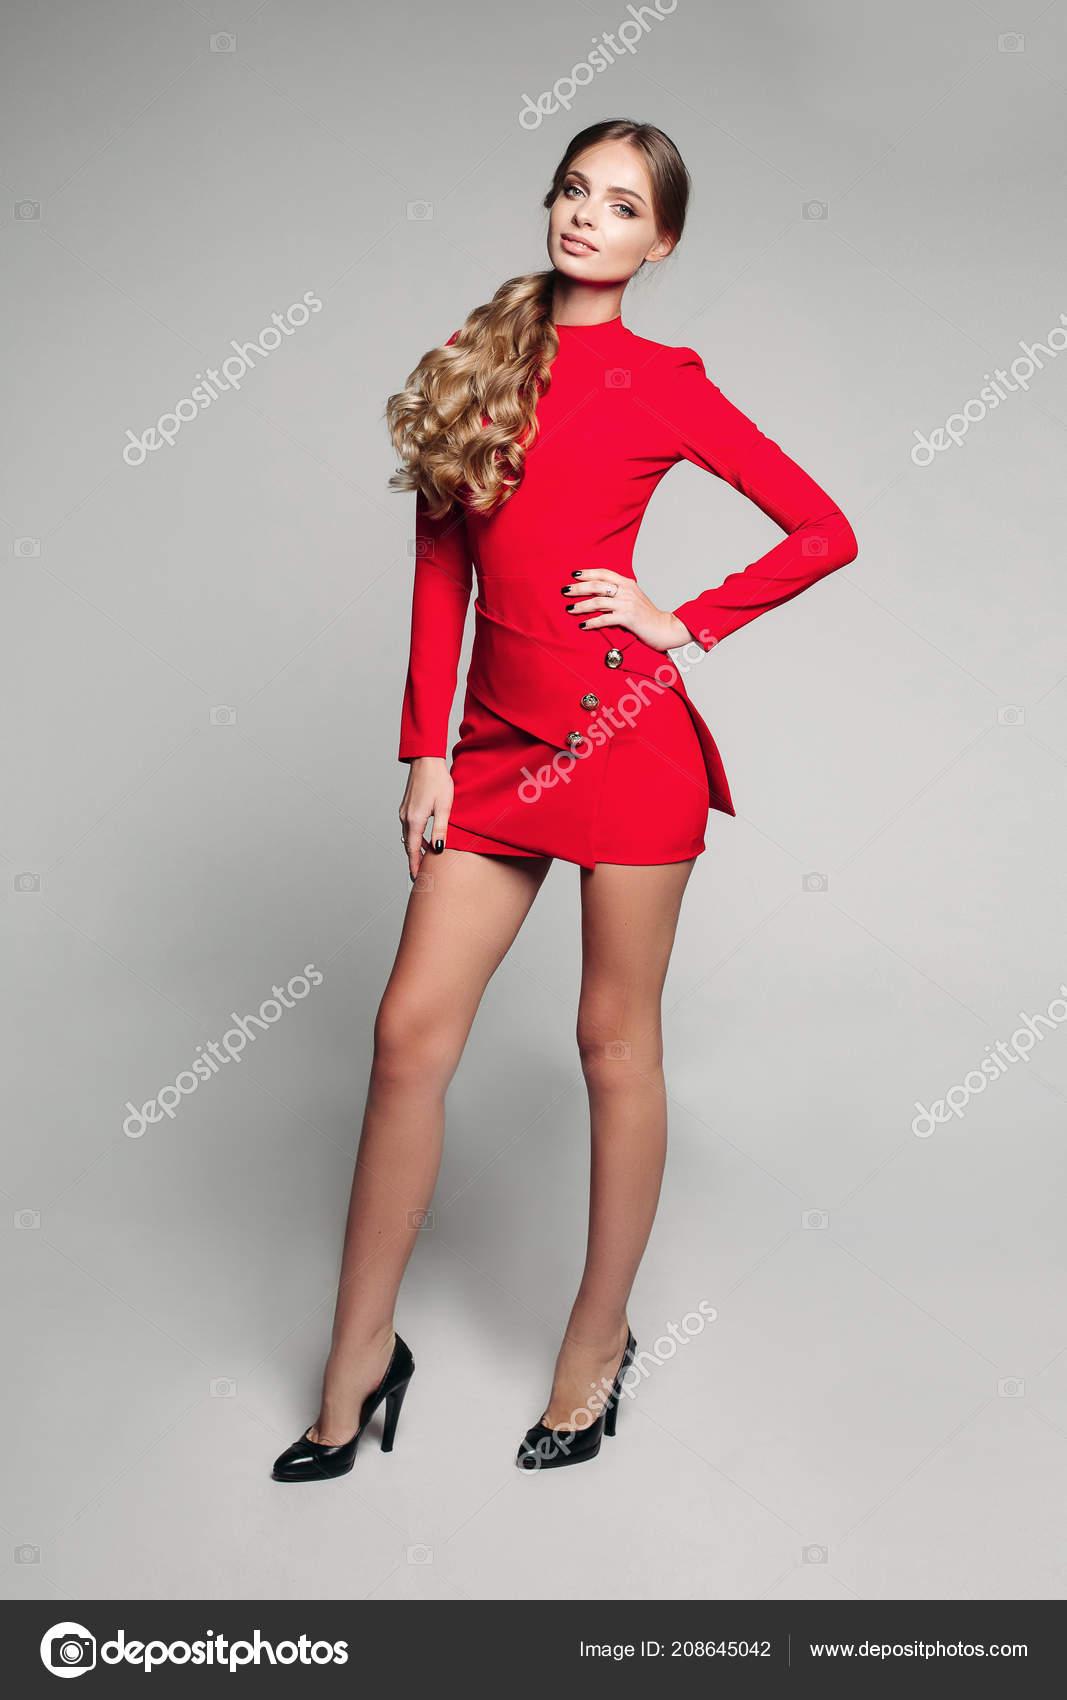 Stunning slim model in bright red dress